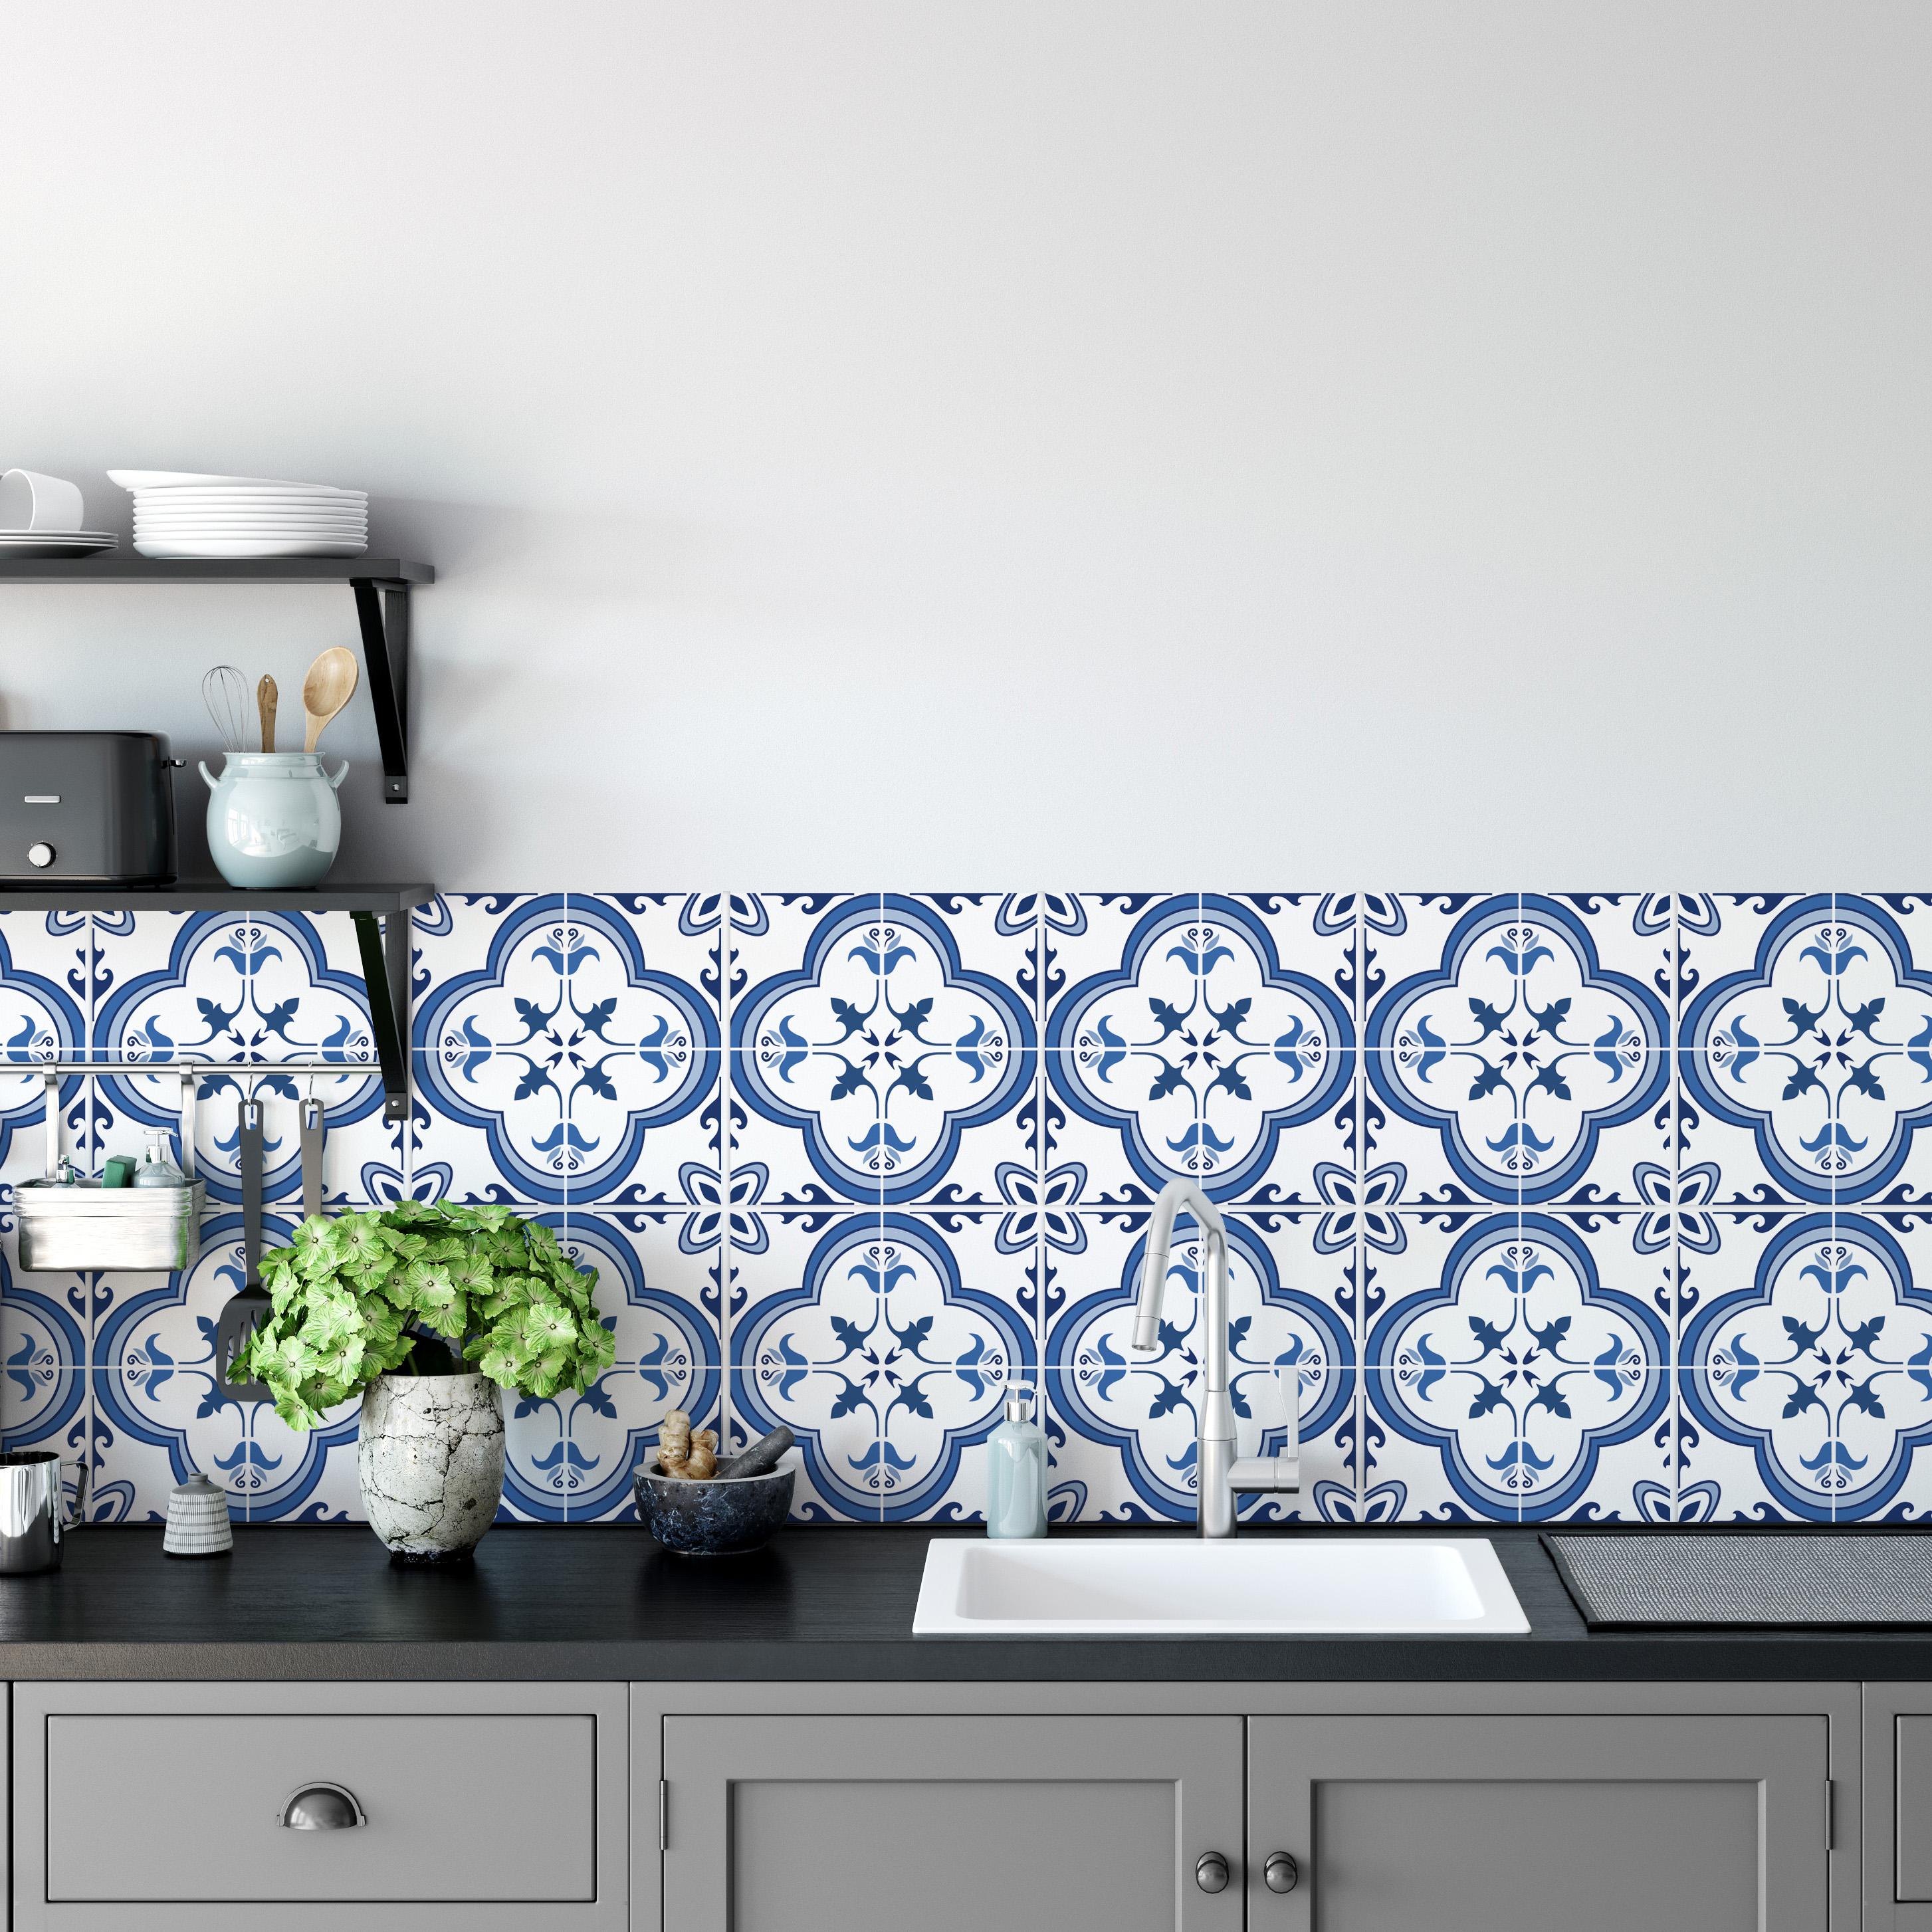 Küche Backsplash Dekor - Portugiesische Fliesen